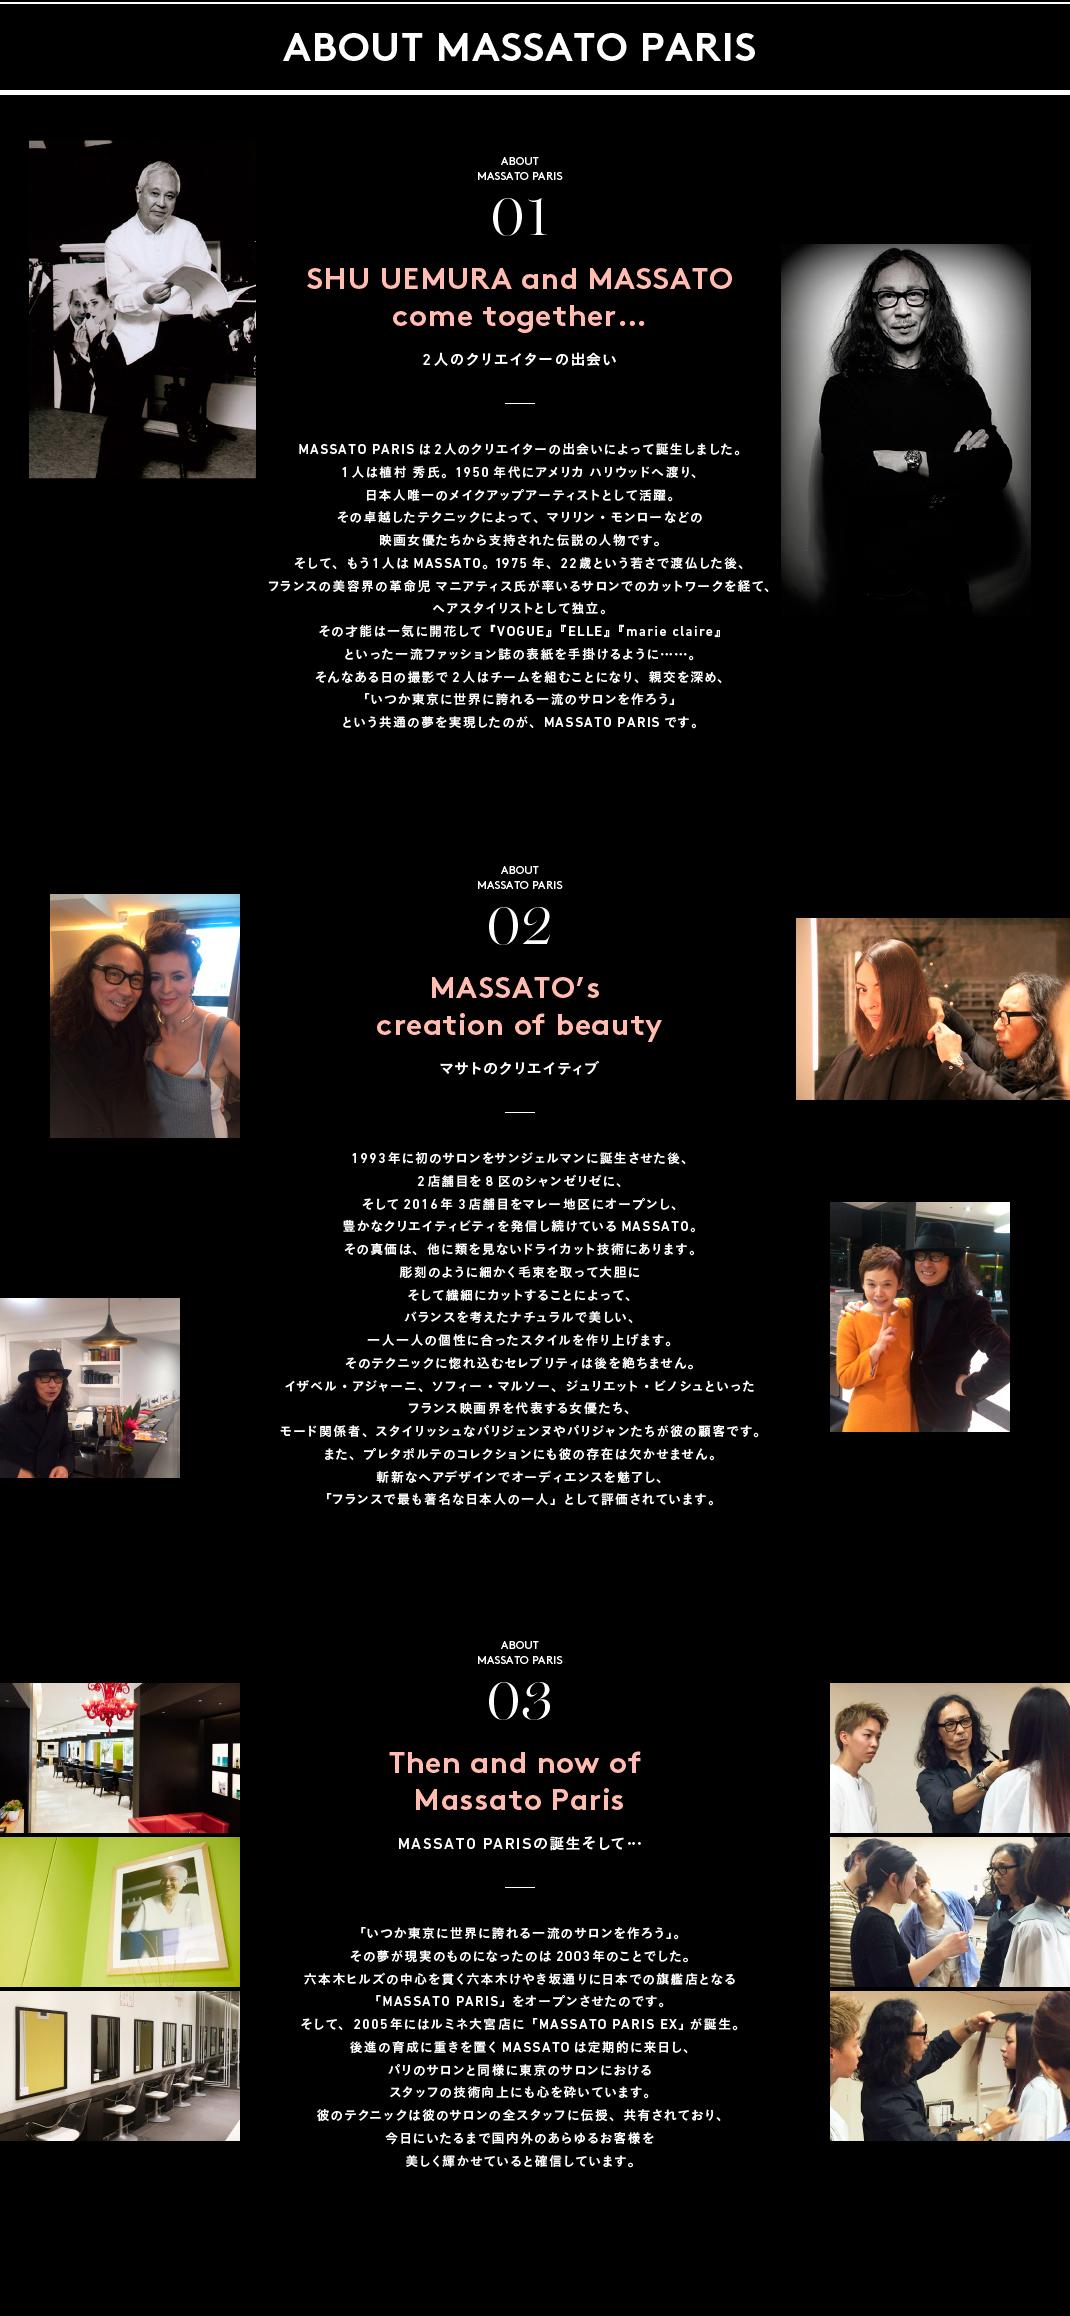 About Massato Paris